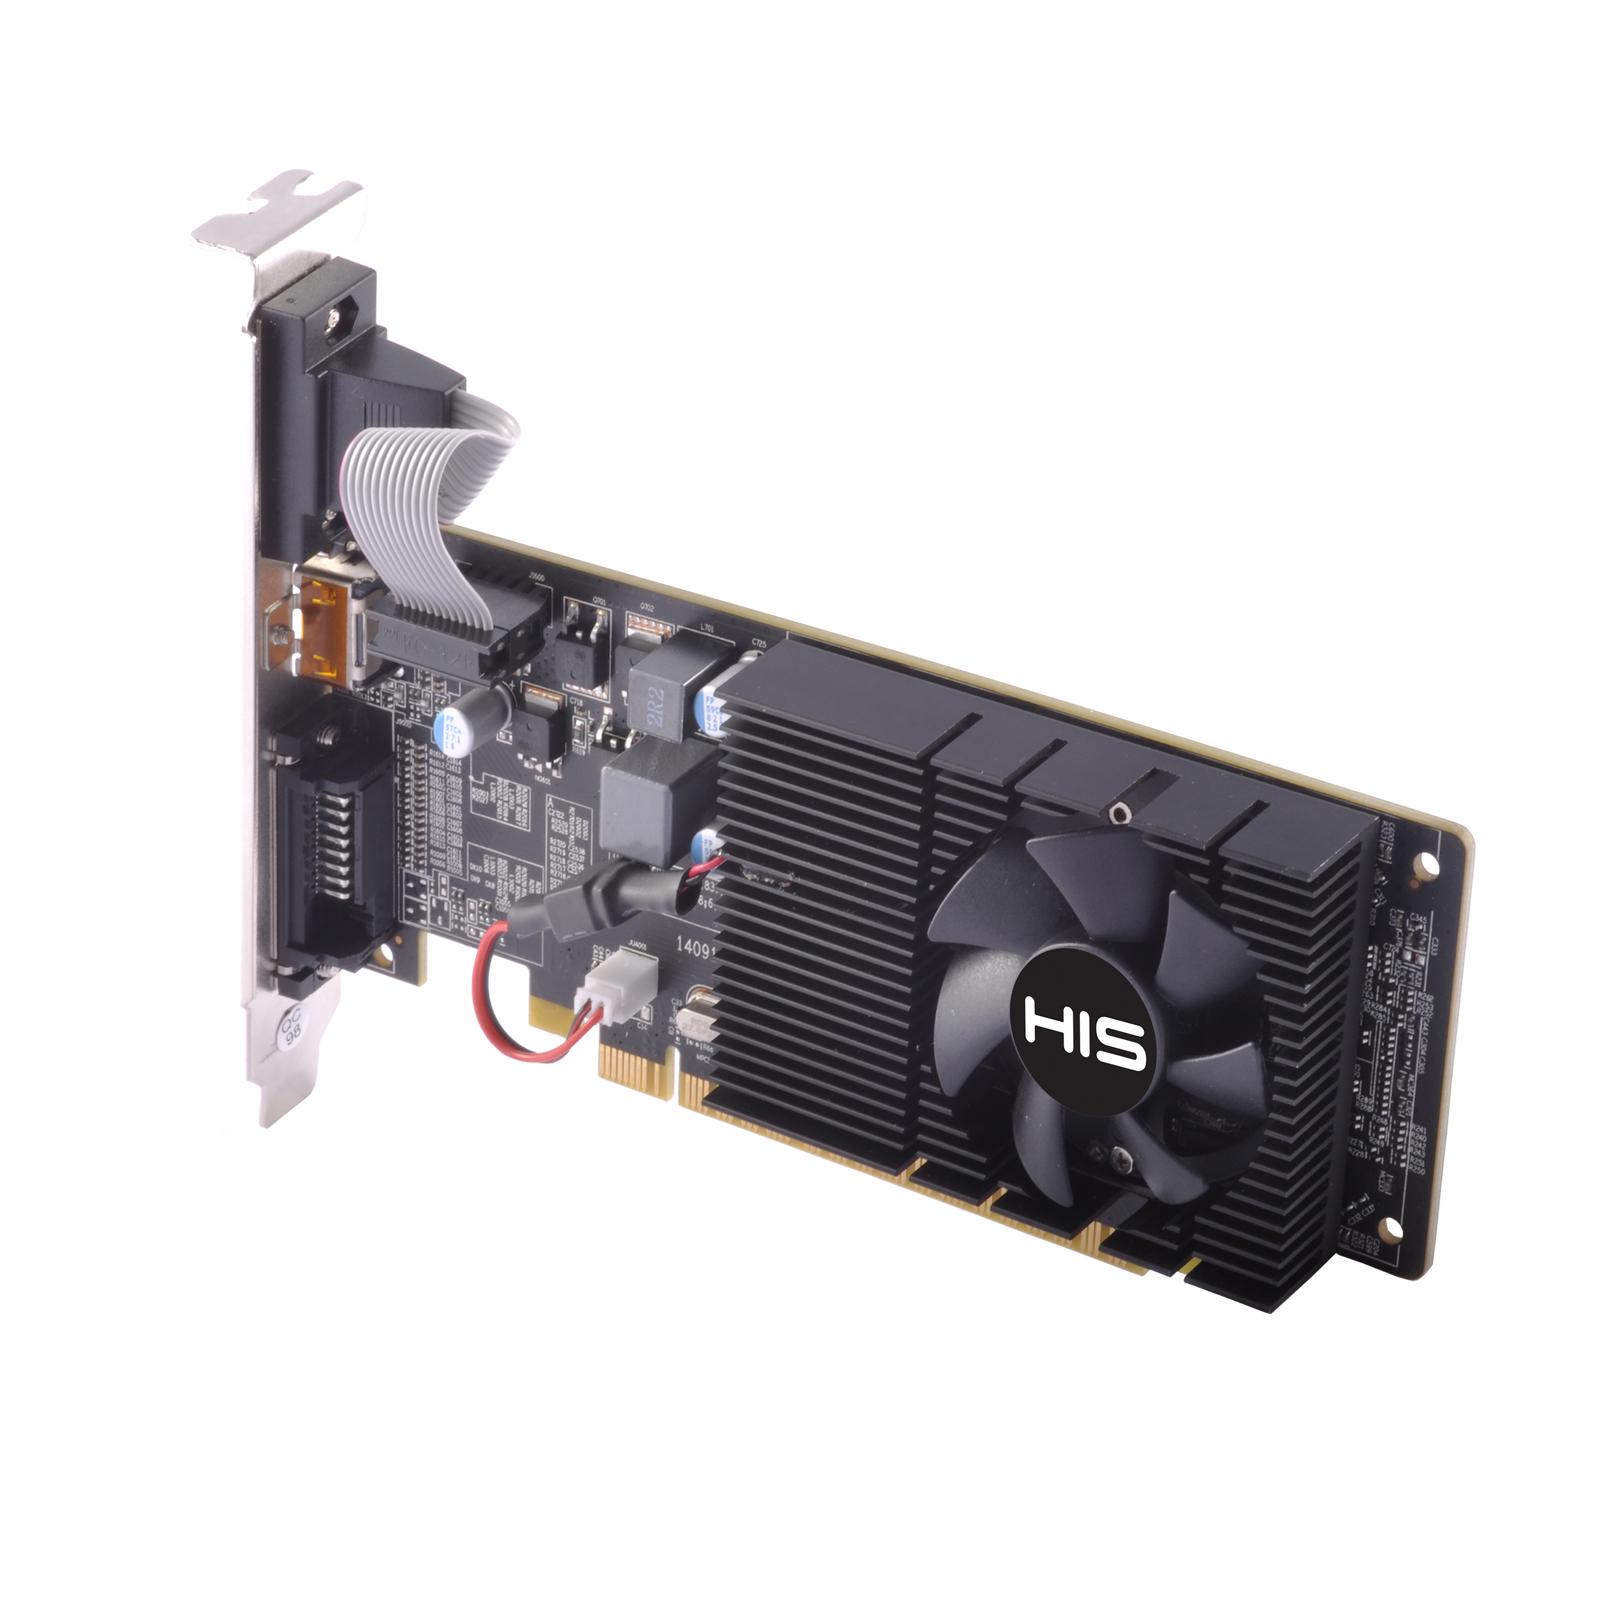 HIS R5 230 Fan 2GB DDR3 PCI-E DVI/HDMI/VGA < R5 230 Series